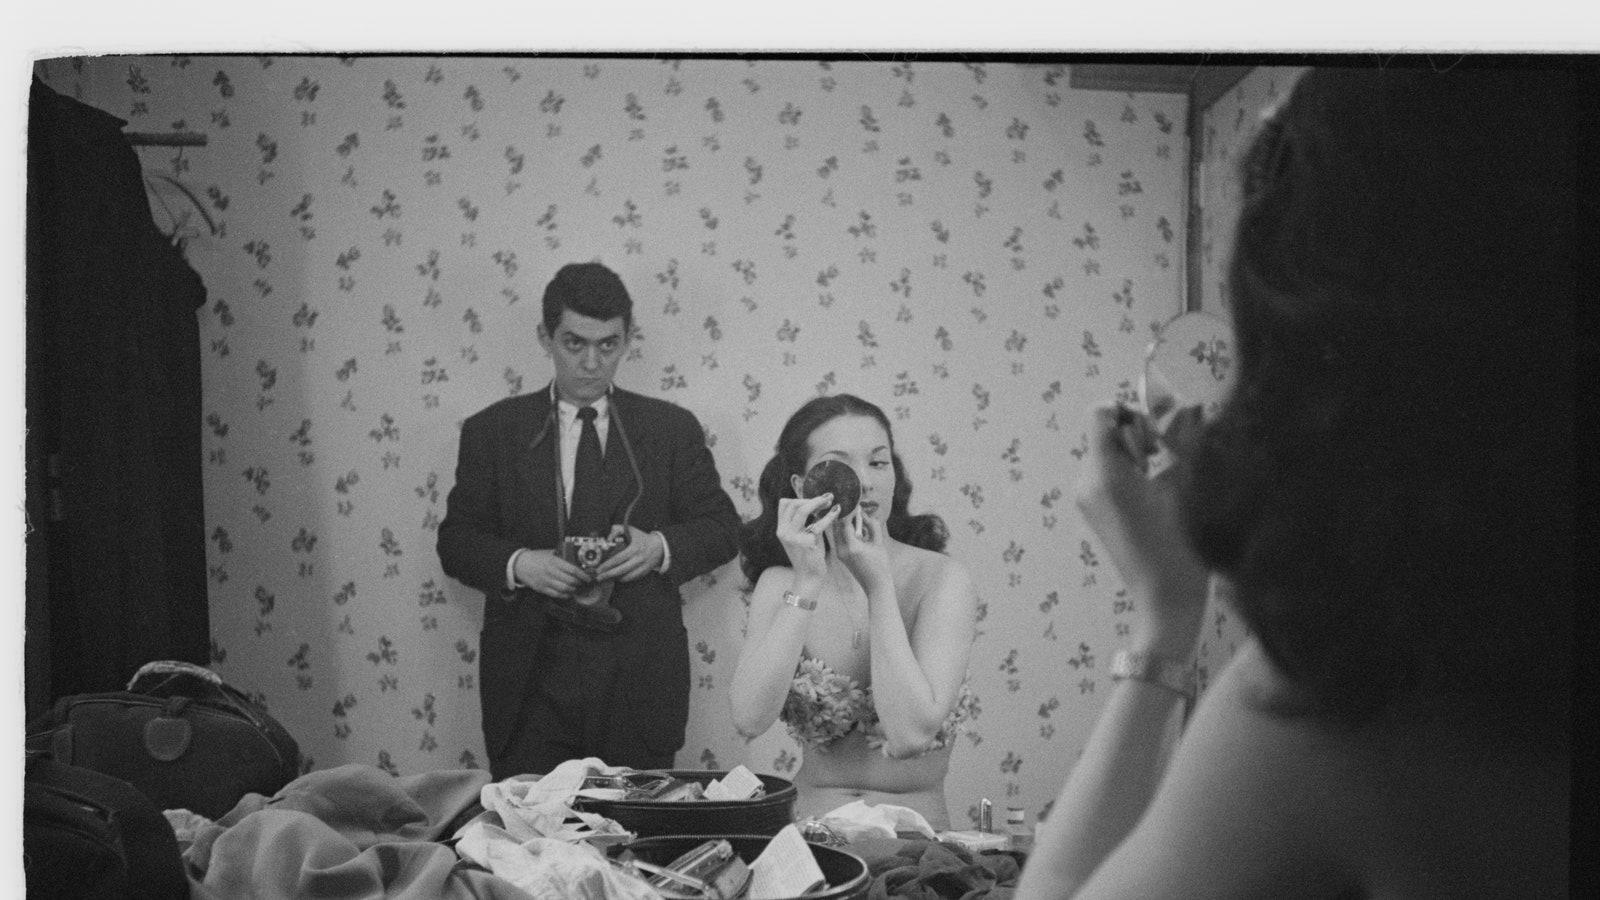 Kubrick fotoreporter: il lato nascosto del regista americano